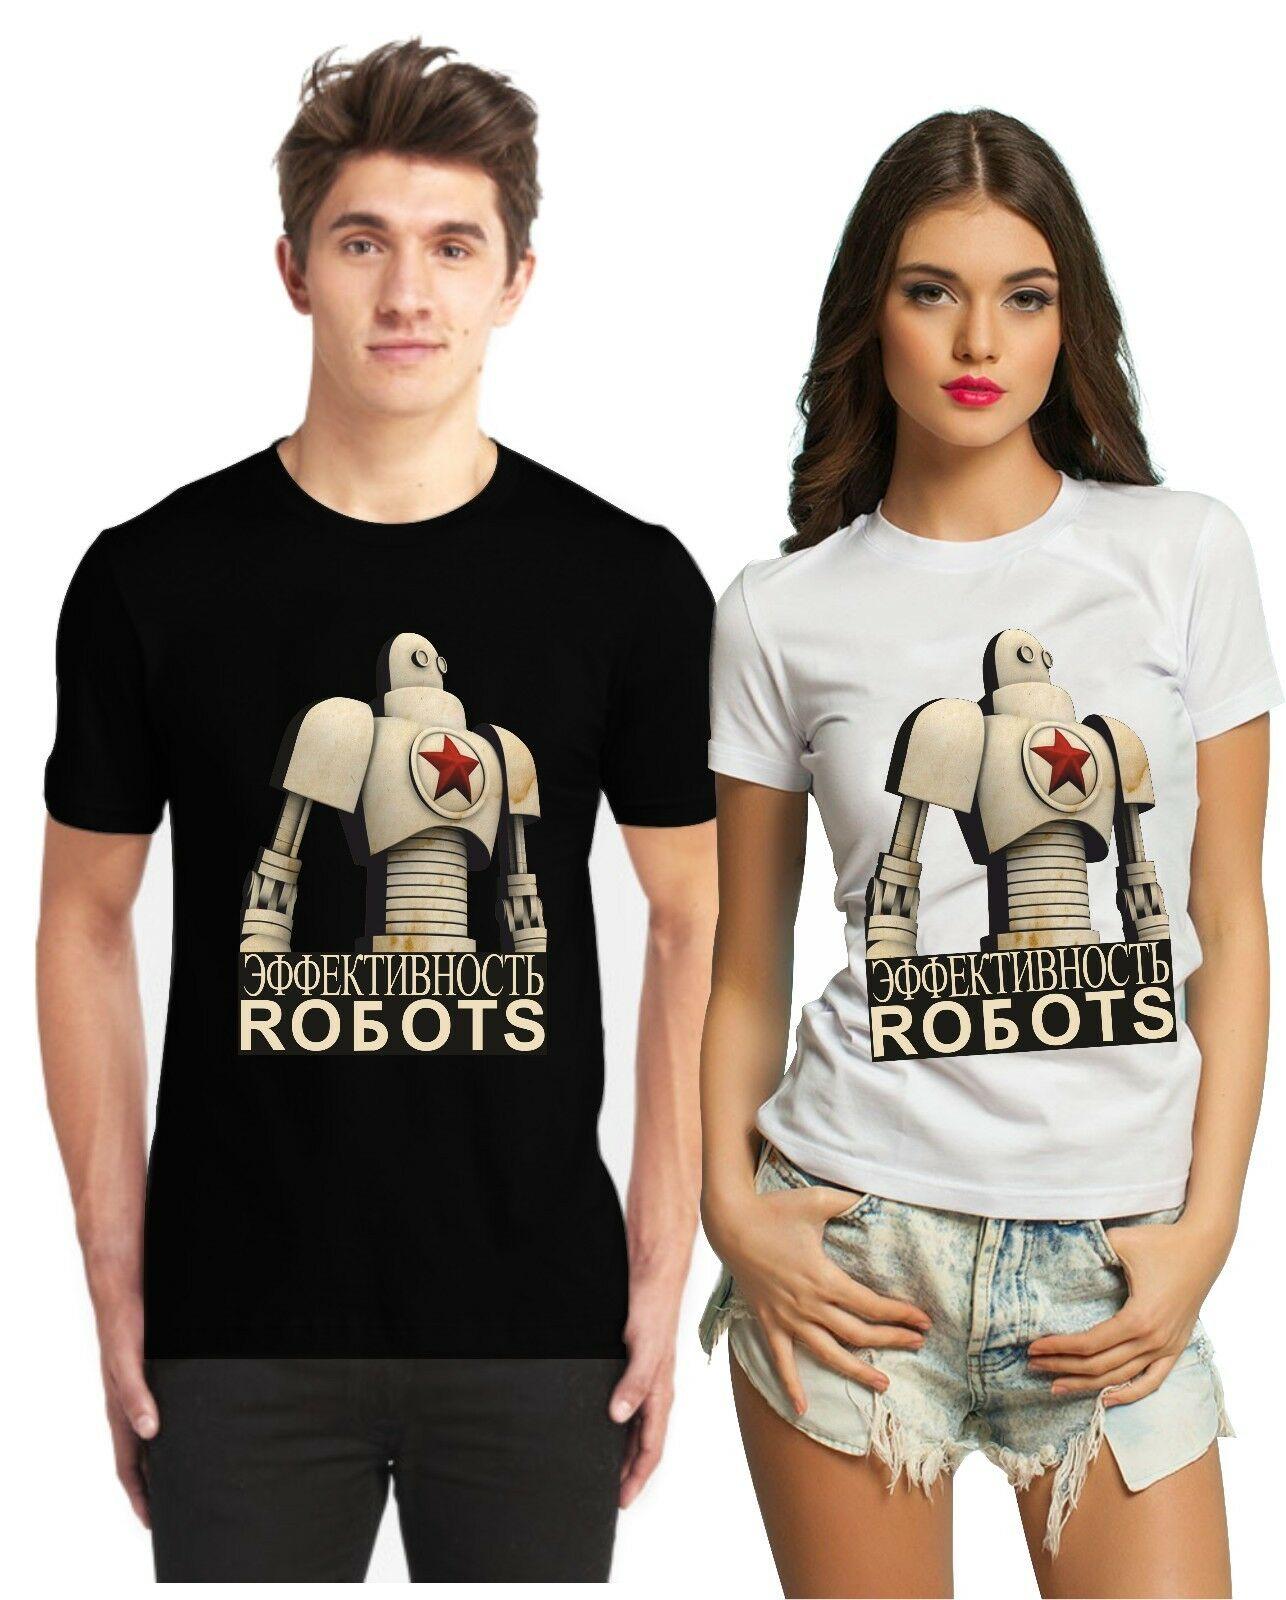 Cccp Soviet Propaganda T Shirt Ussr Russia Russian Hammer & Sickle Россия Robot Hoodies